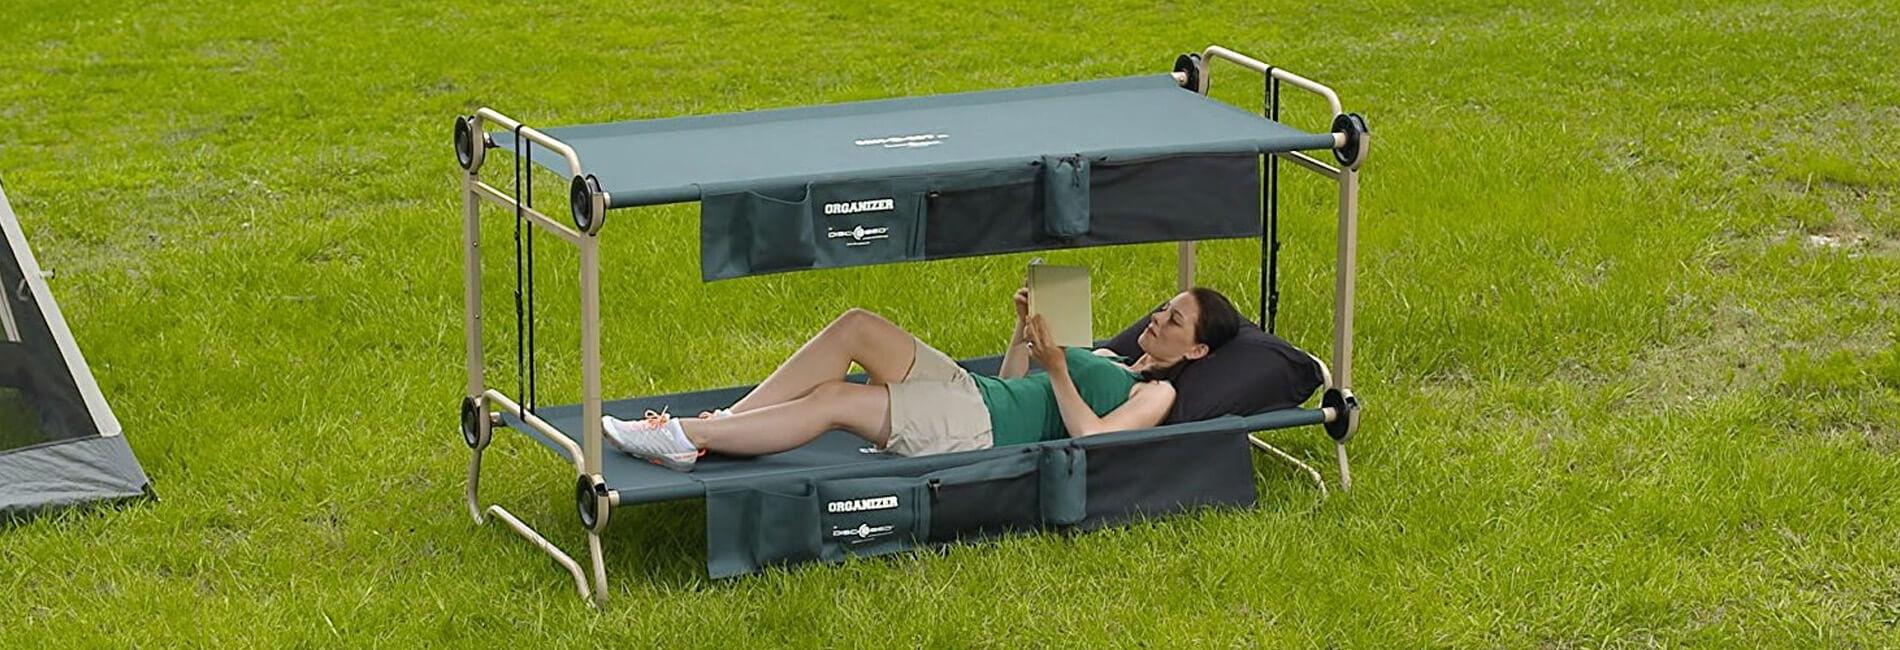 Portable Bunk Beds Disc O Bed Kid O Bunk Cam O Bunk